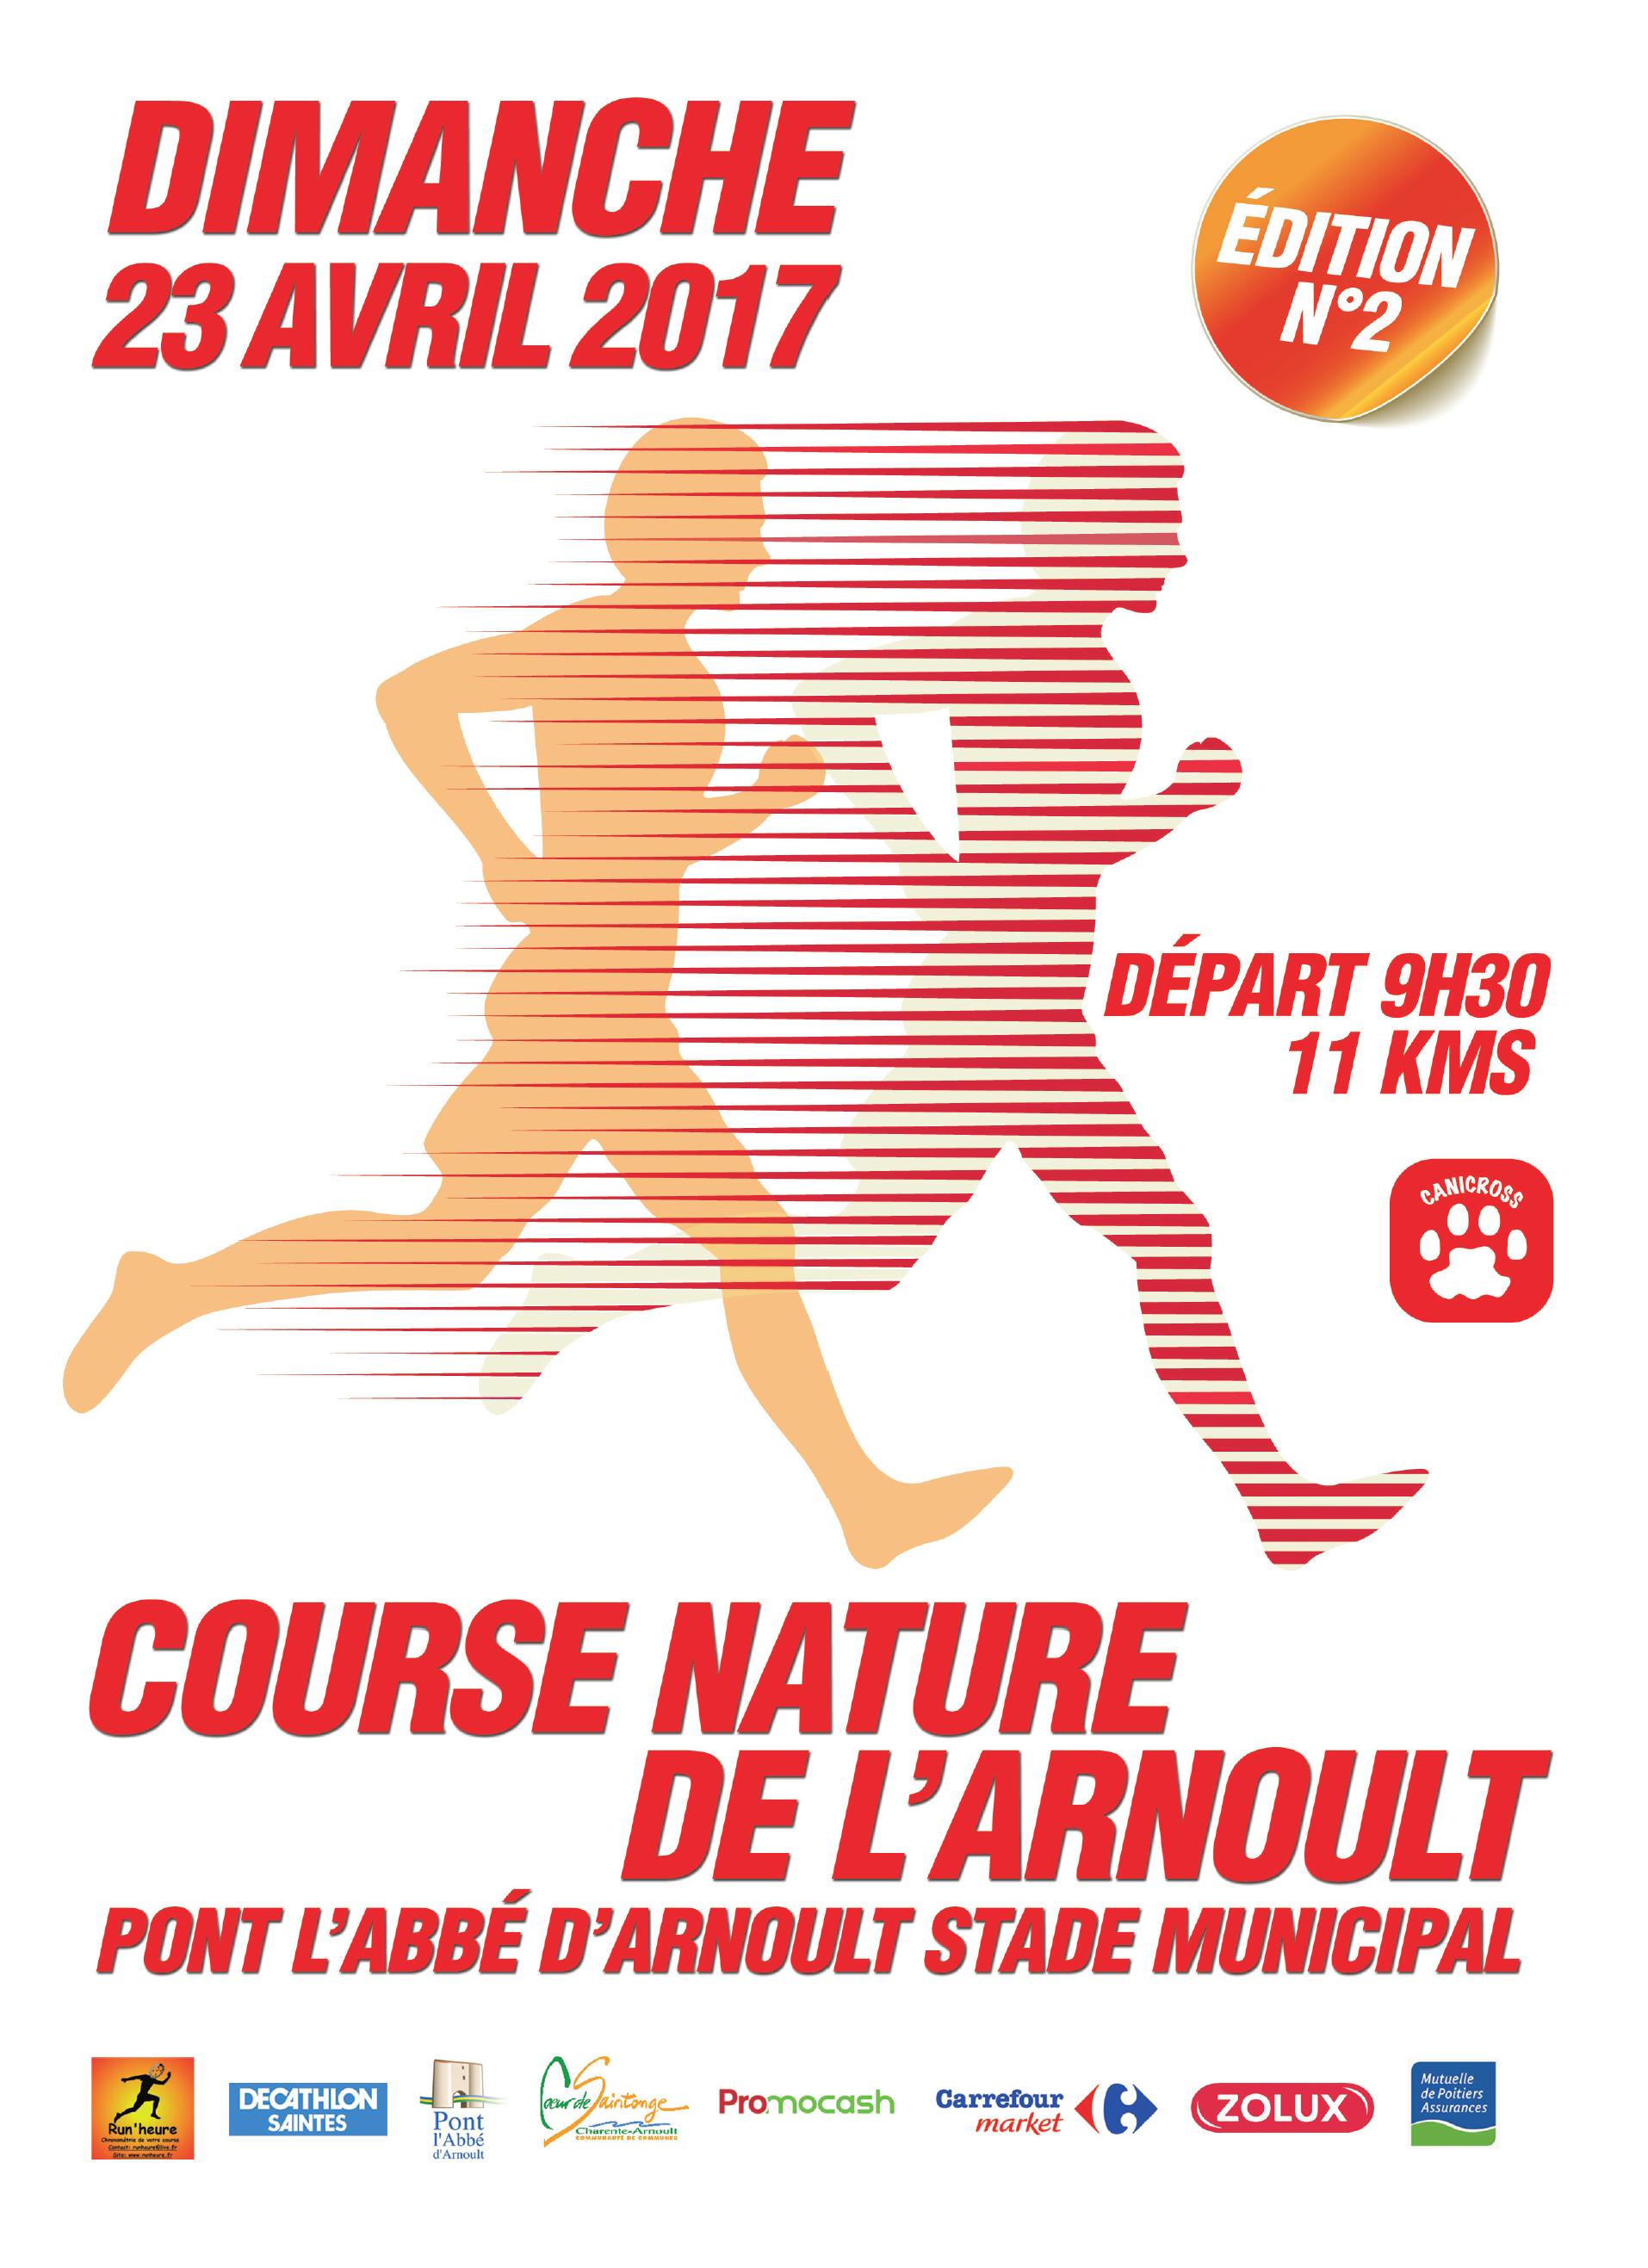 Affiche course nature de l'arnoult 2017